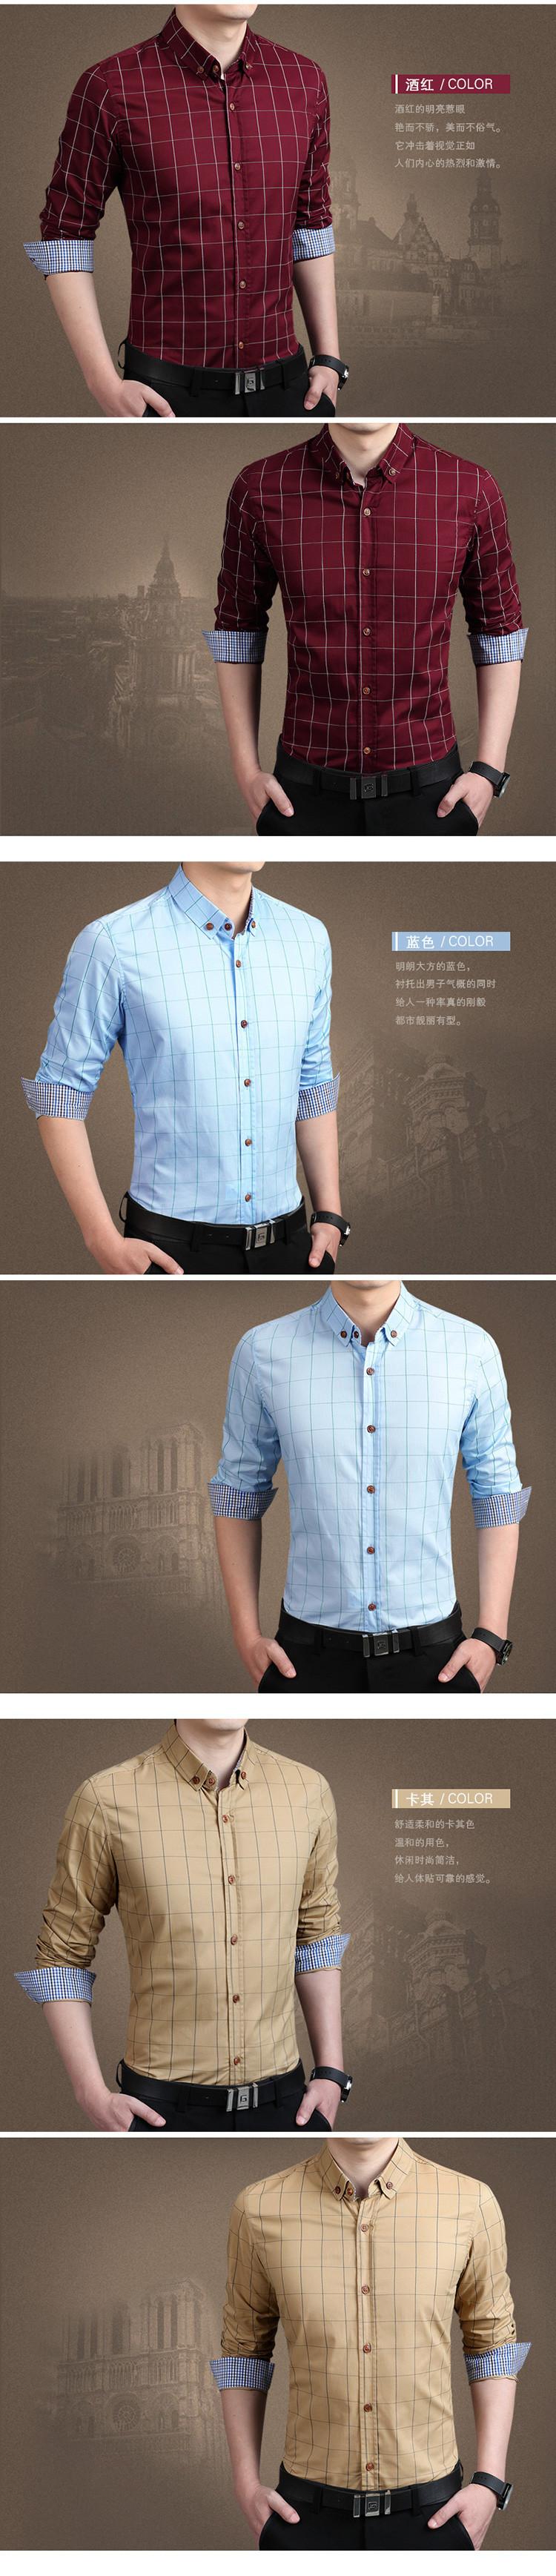 2015 100% высокое качество мужские рубашки синяя рубашка мужчины причинно-следственной полосатой рубашке мужчины Camisa социальной Masculina сорочка Homme M-5XL